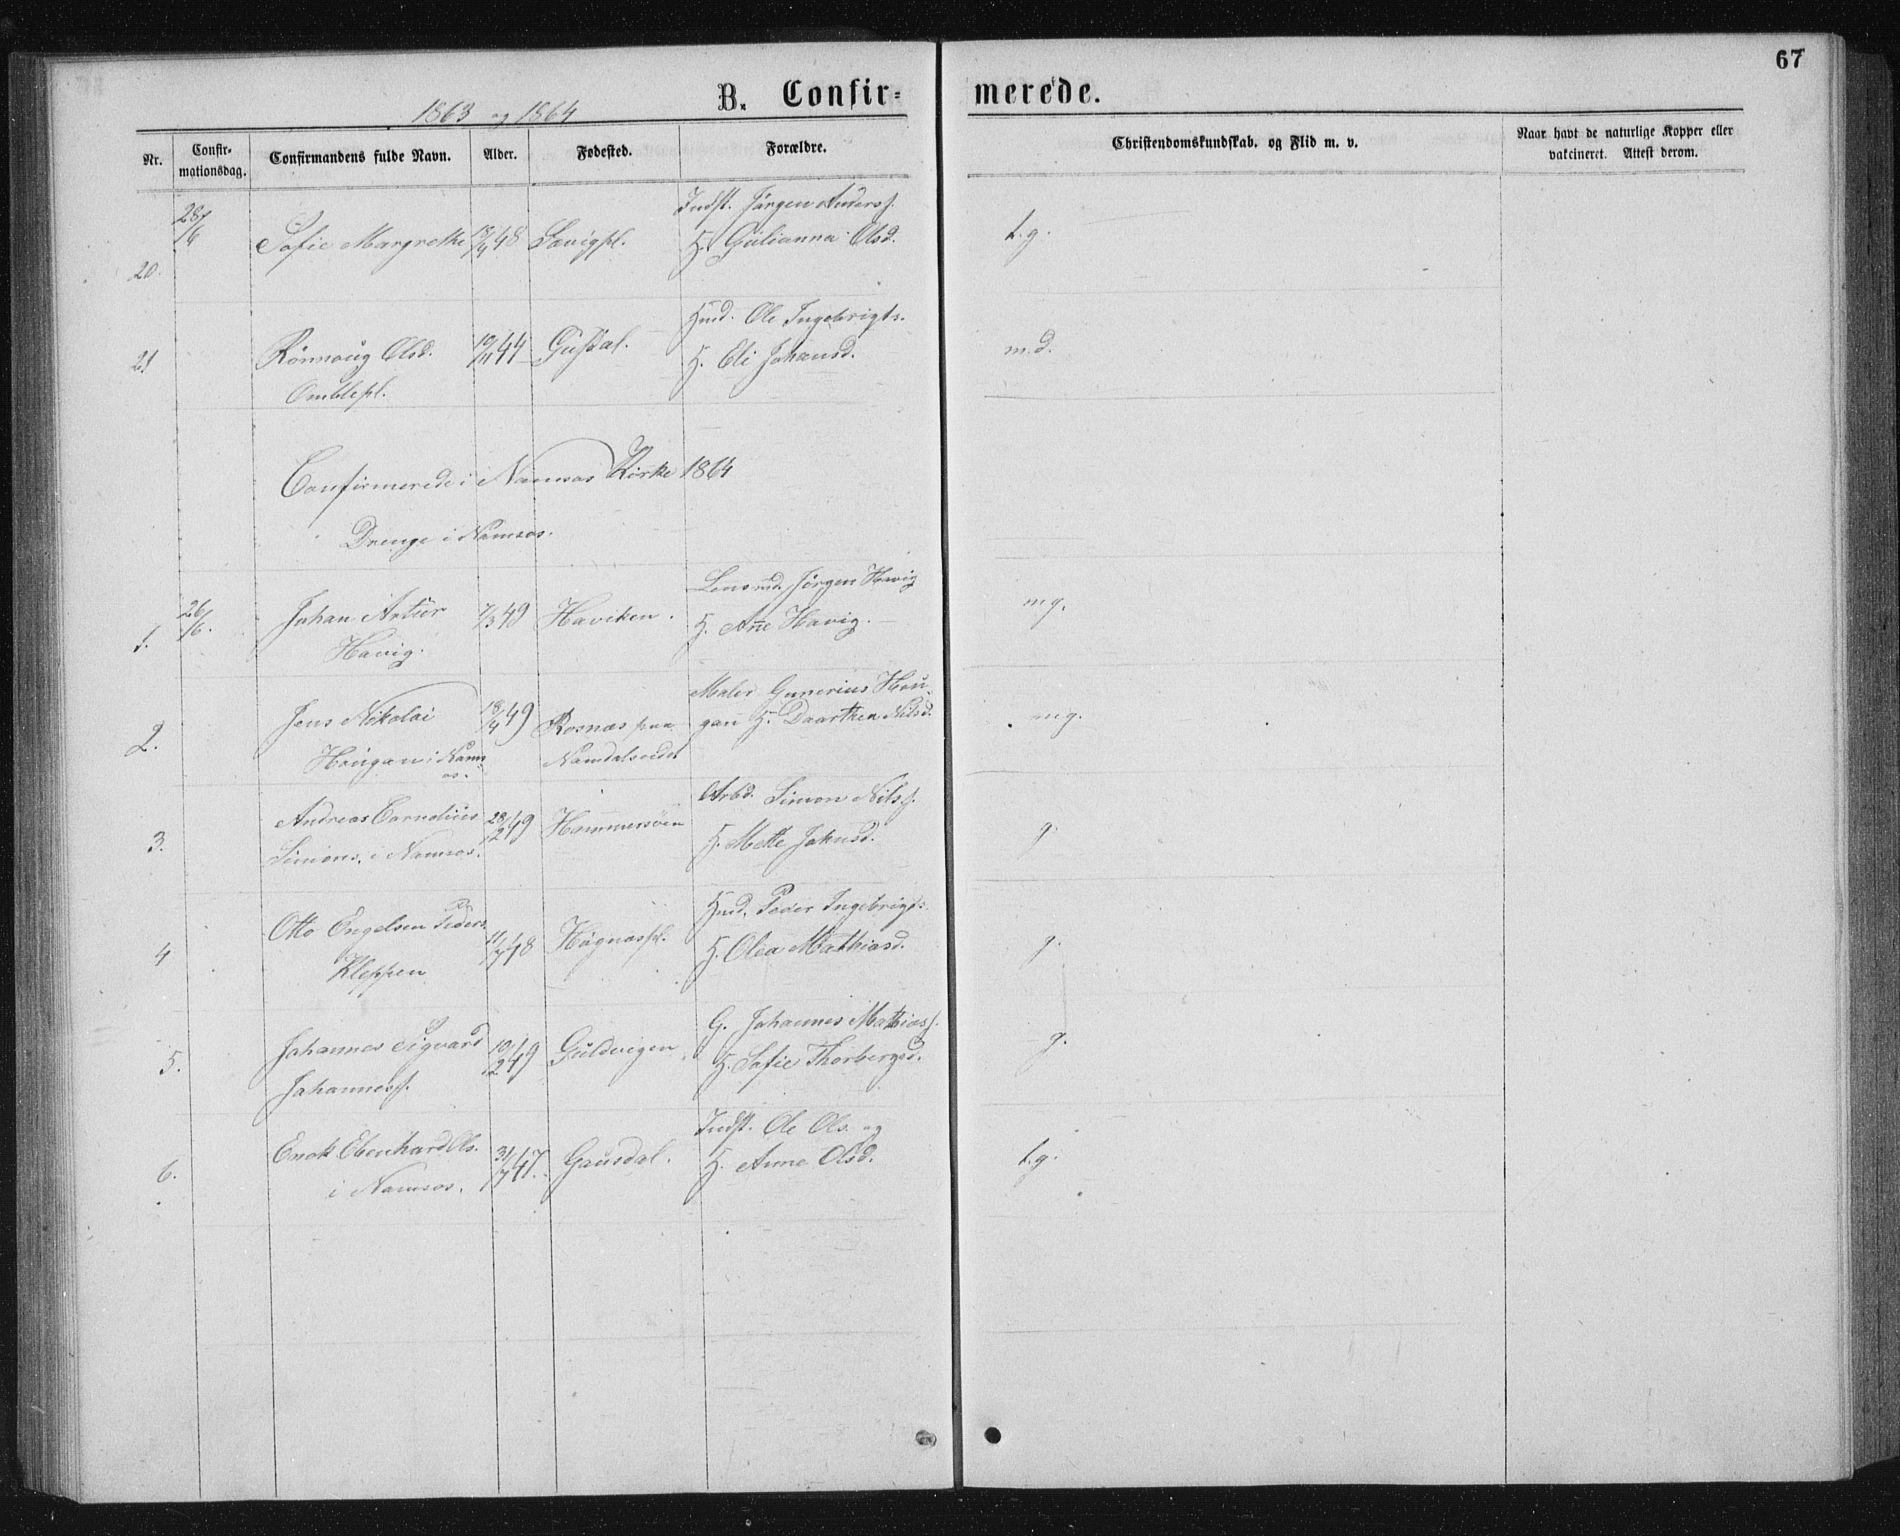 SAT, Ministerialprotokoller, klokkerbøker og fødselsregistre - Nord-Trøndelag, 768/L0567: Ministerialbok nr. 768A02, 1837-1865, s. 67